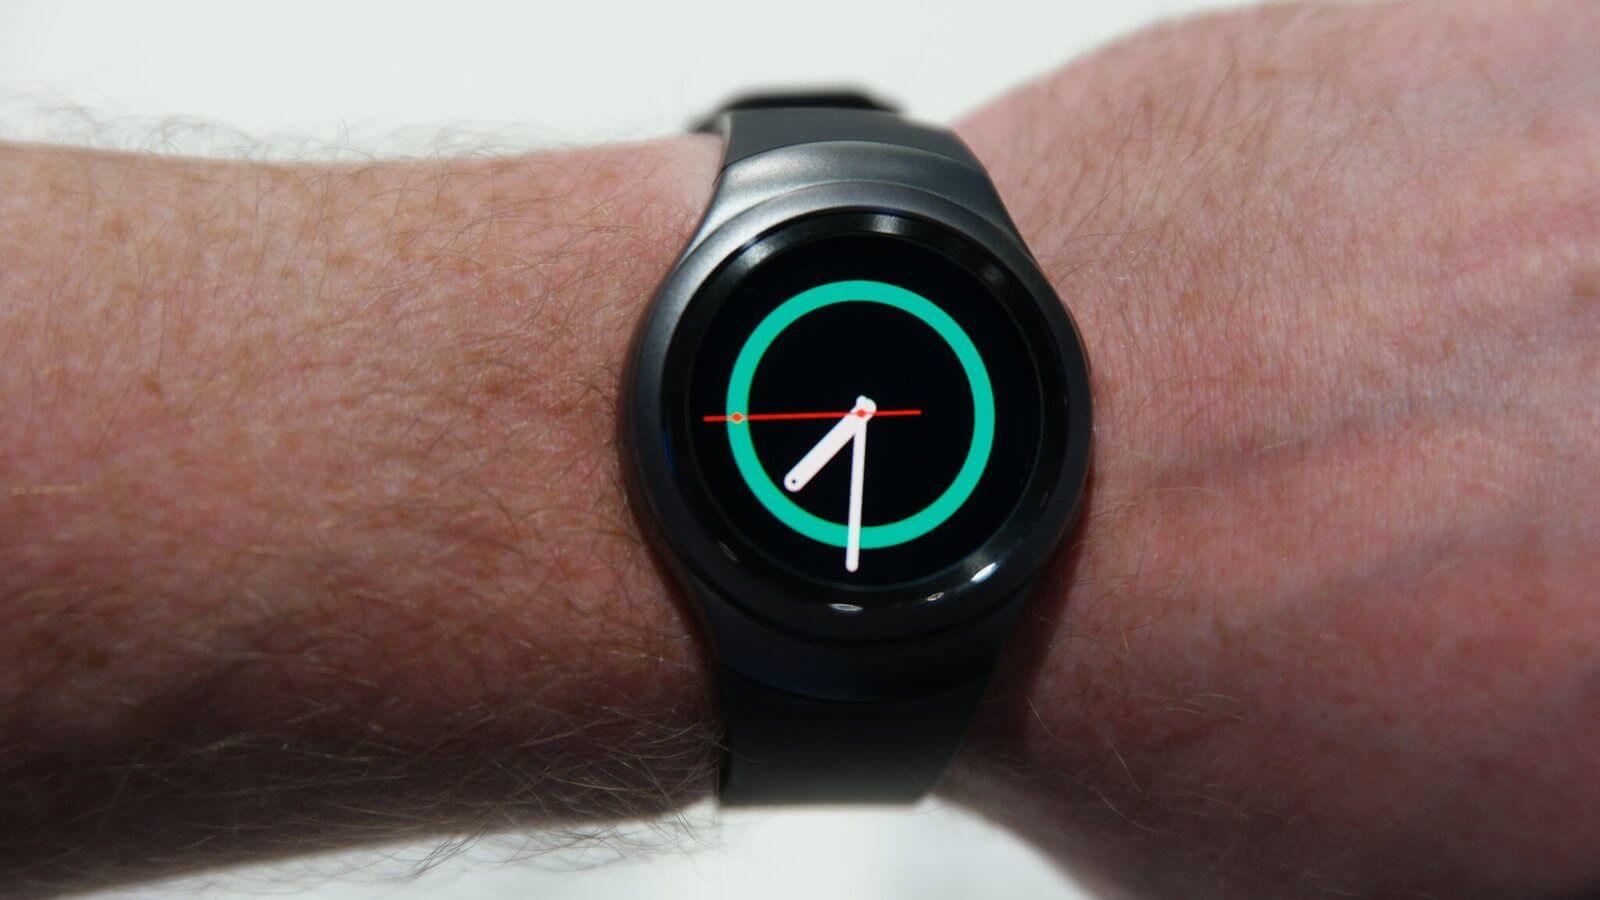 samsung gear s2 - Samsung Gear S2 pode ganhar compatibilidade com iPhone